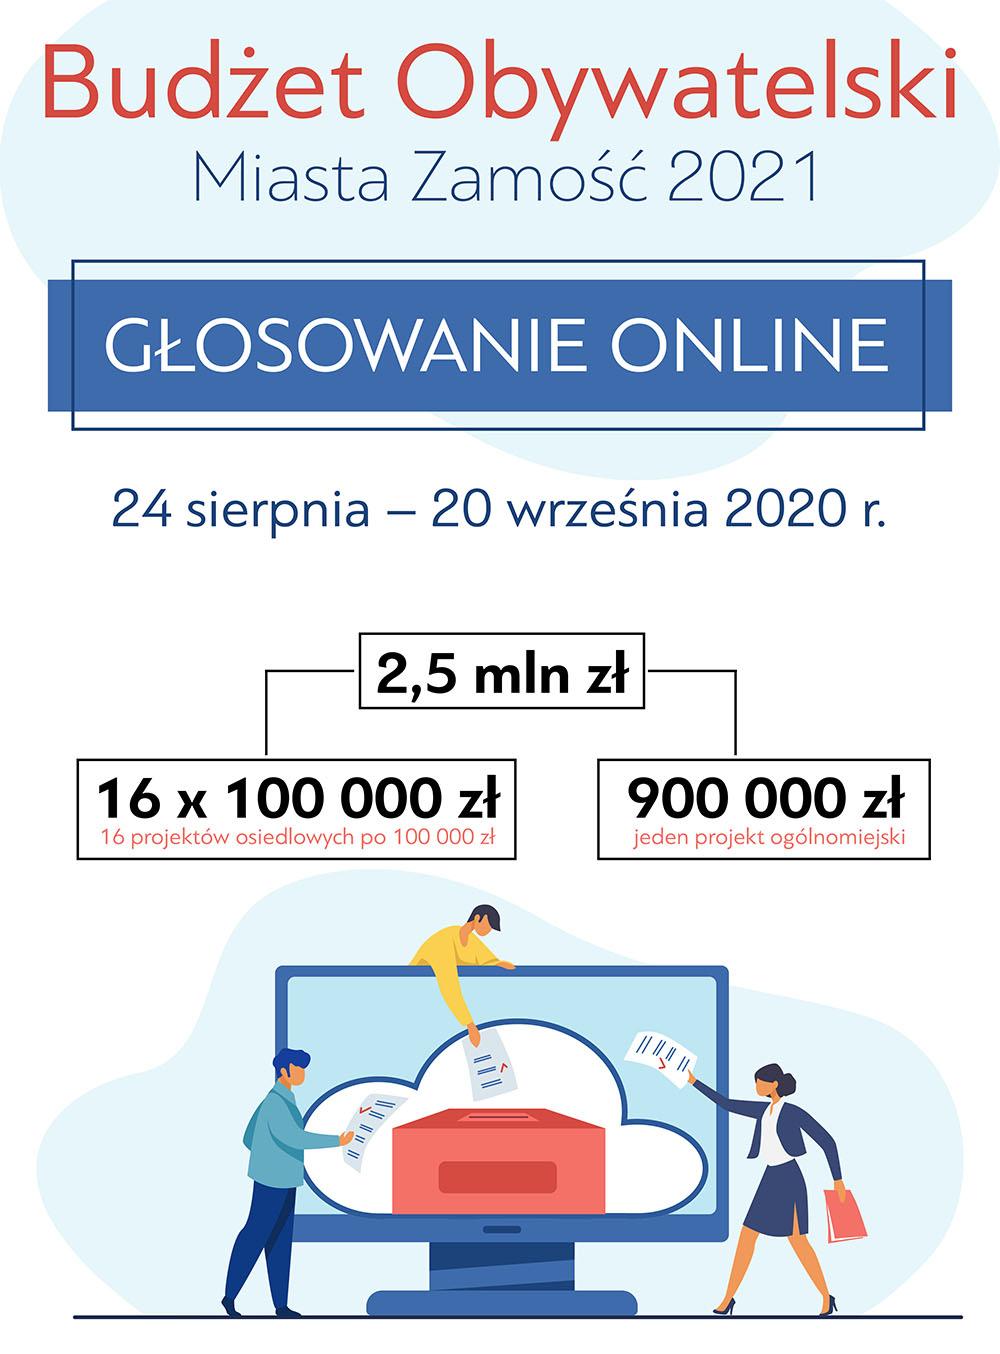 budzet obywatelski Budżet Obywatelski- głosowanie online